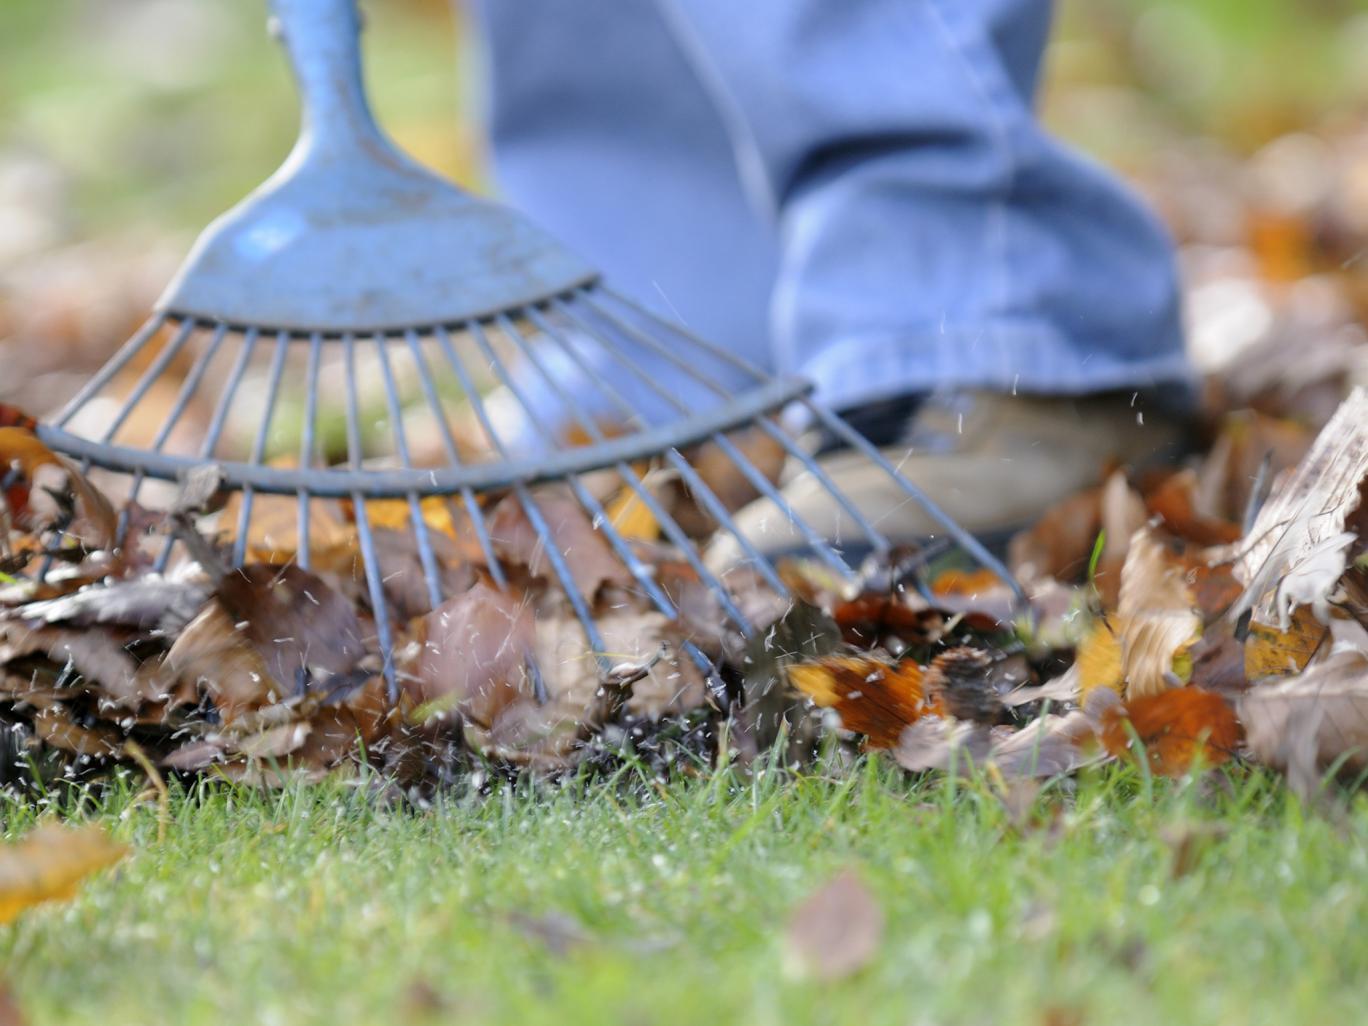 raking leaves